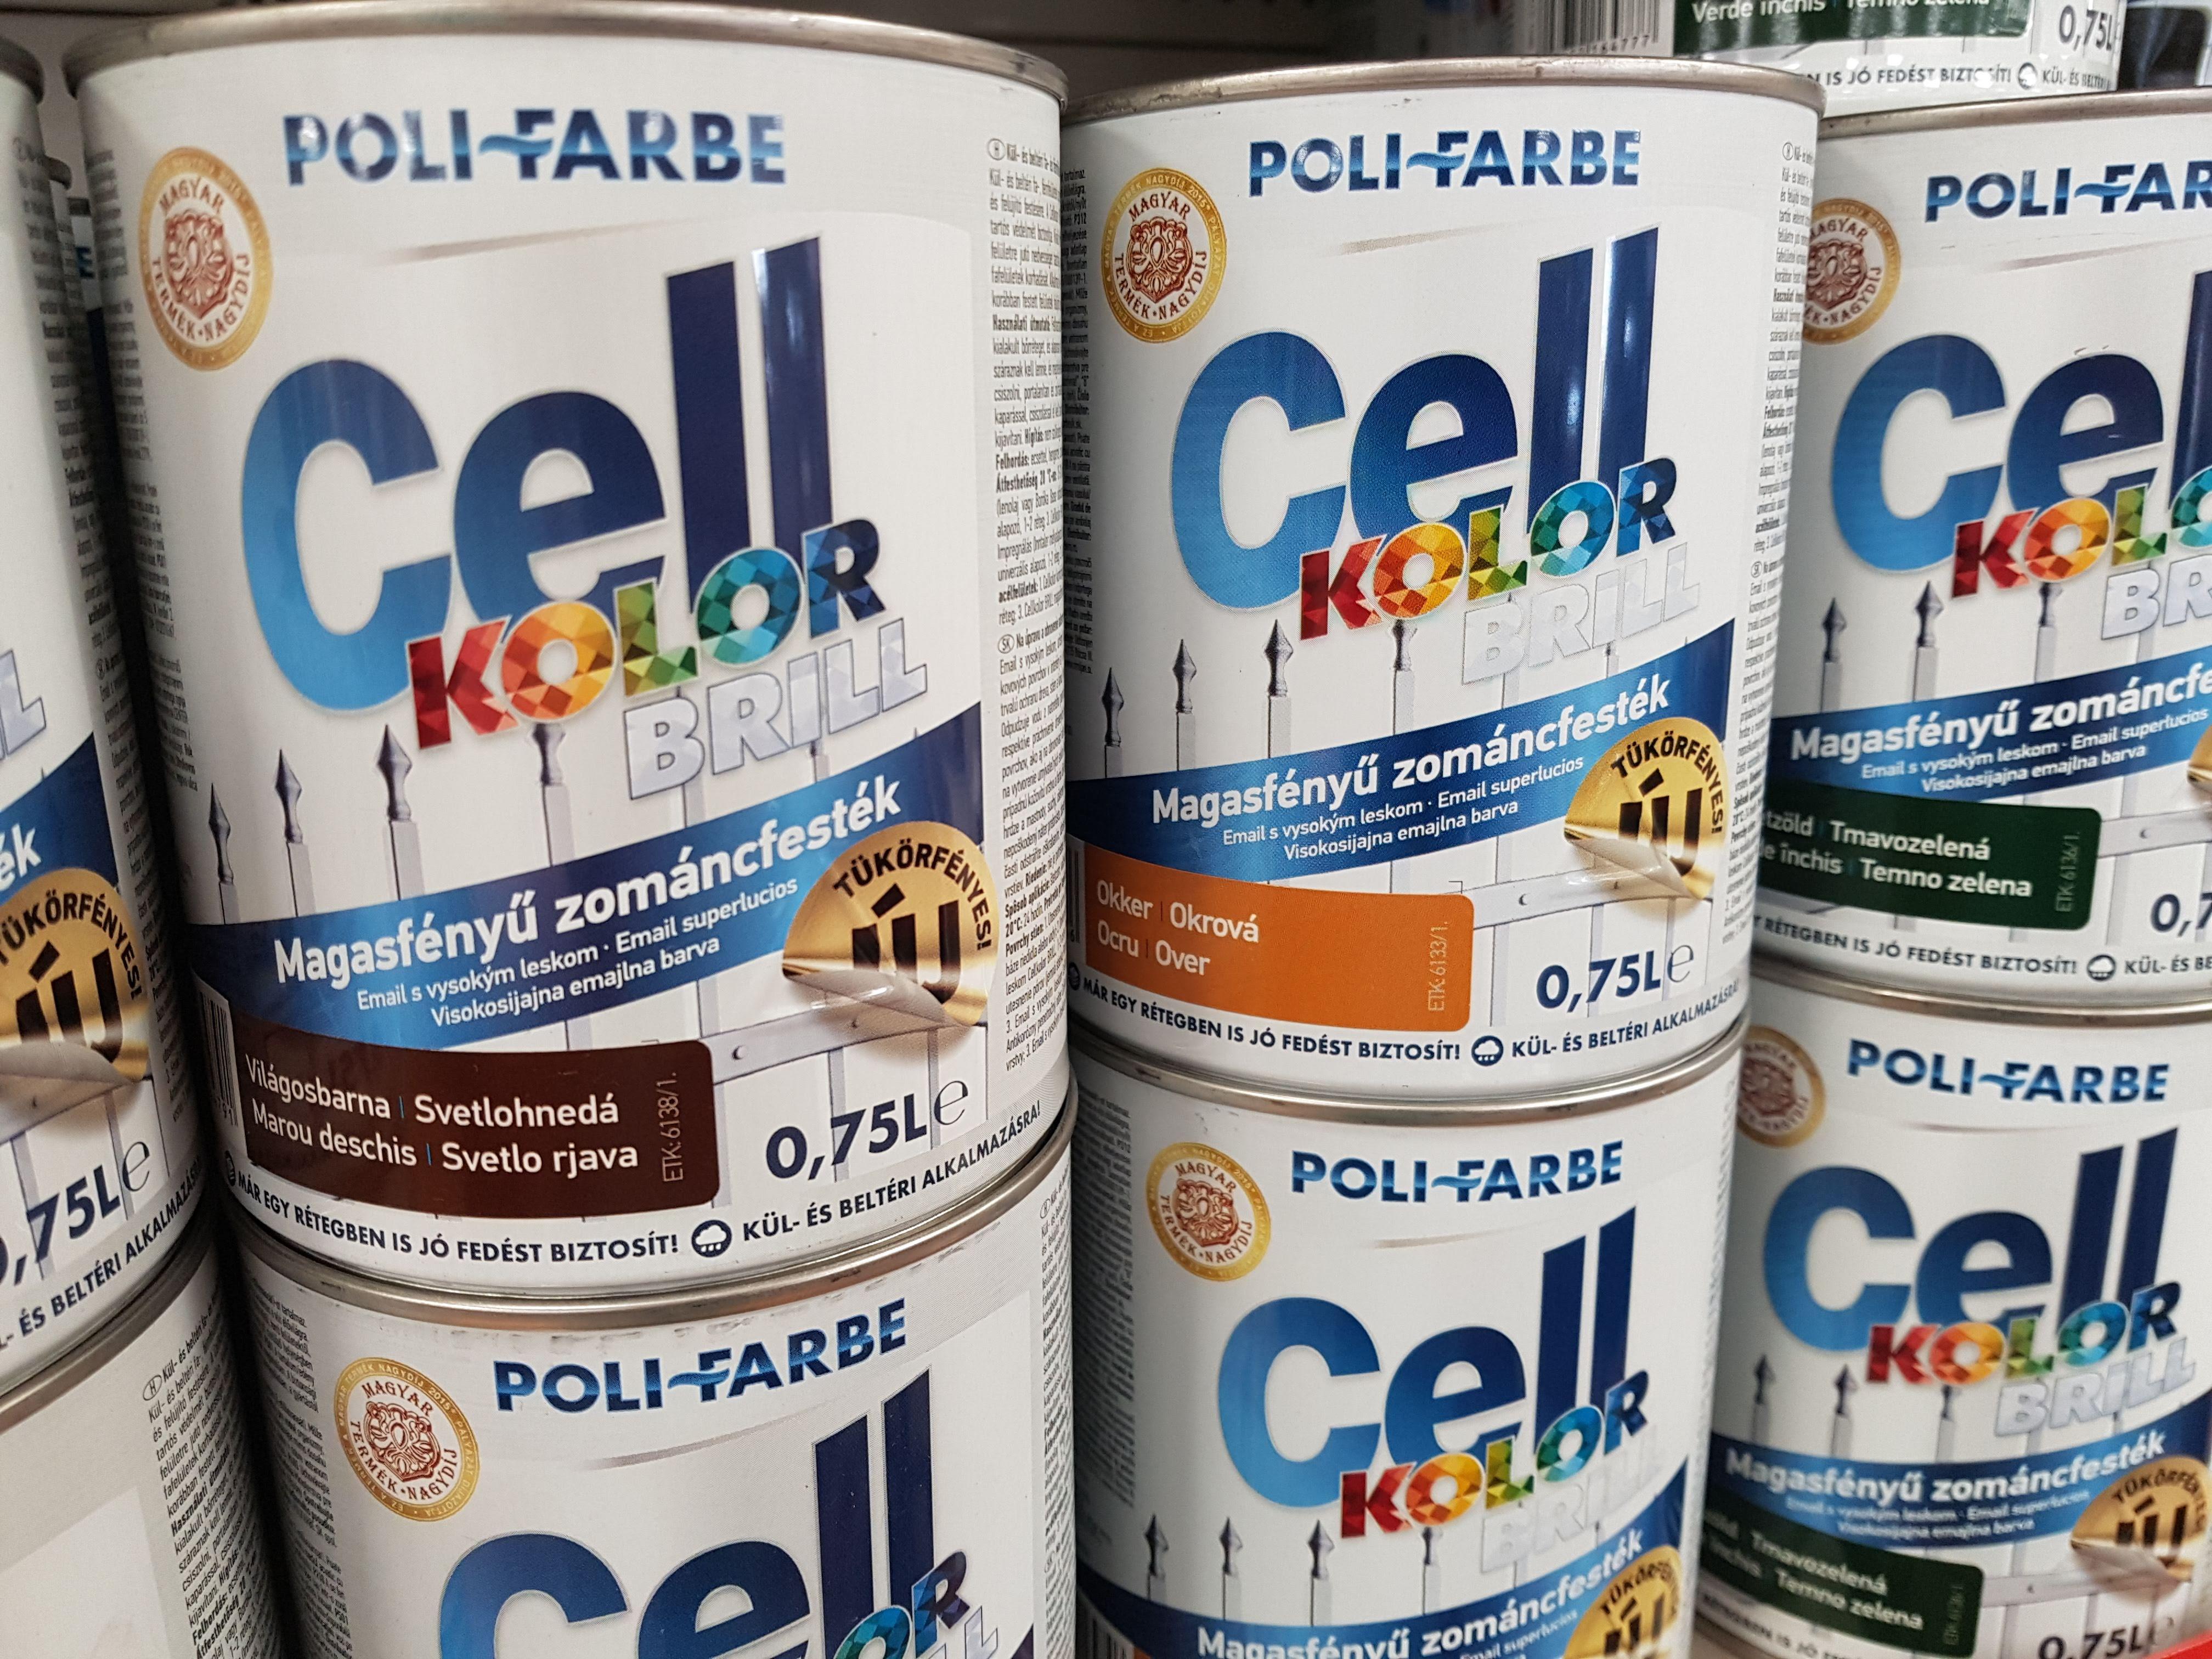 POLI-FARBE Cellkolor BRILL: a sokoldalú segítőtárs